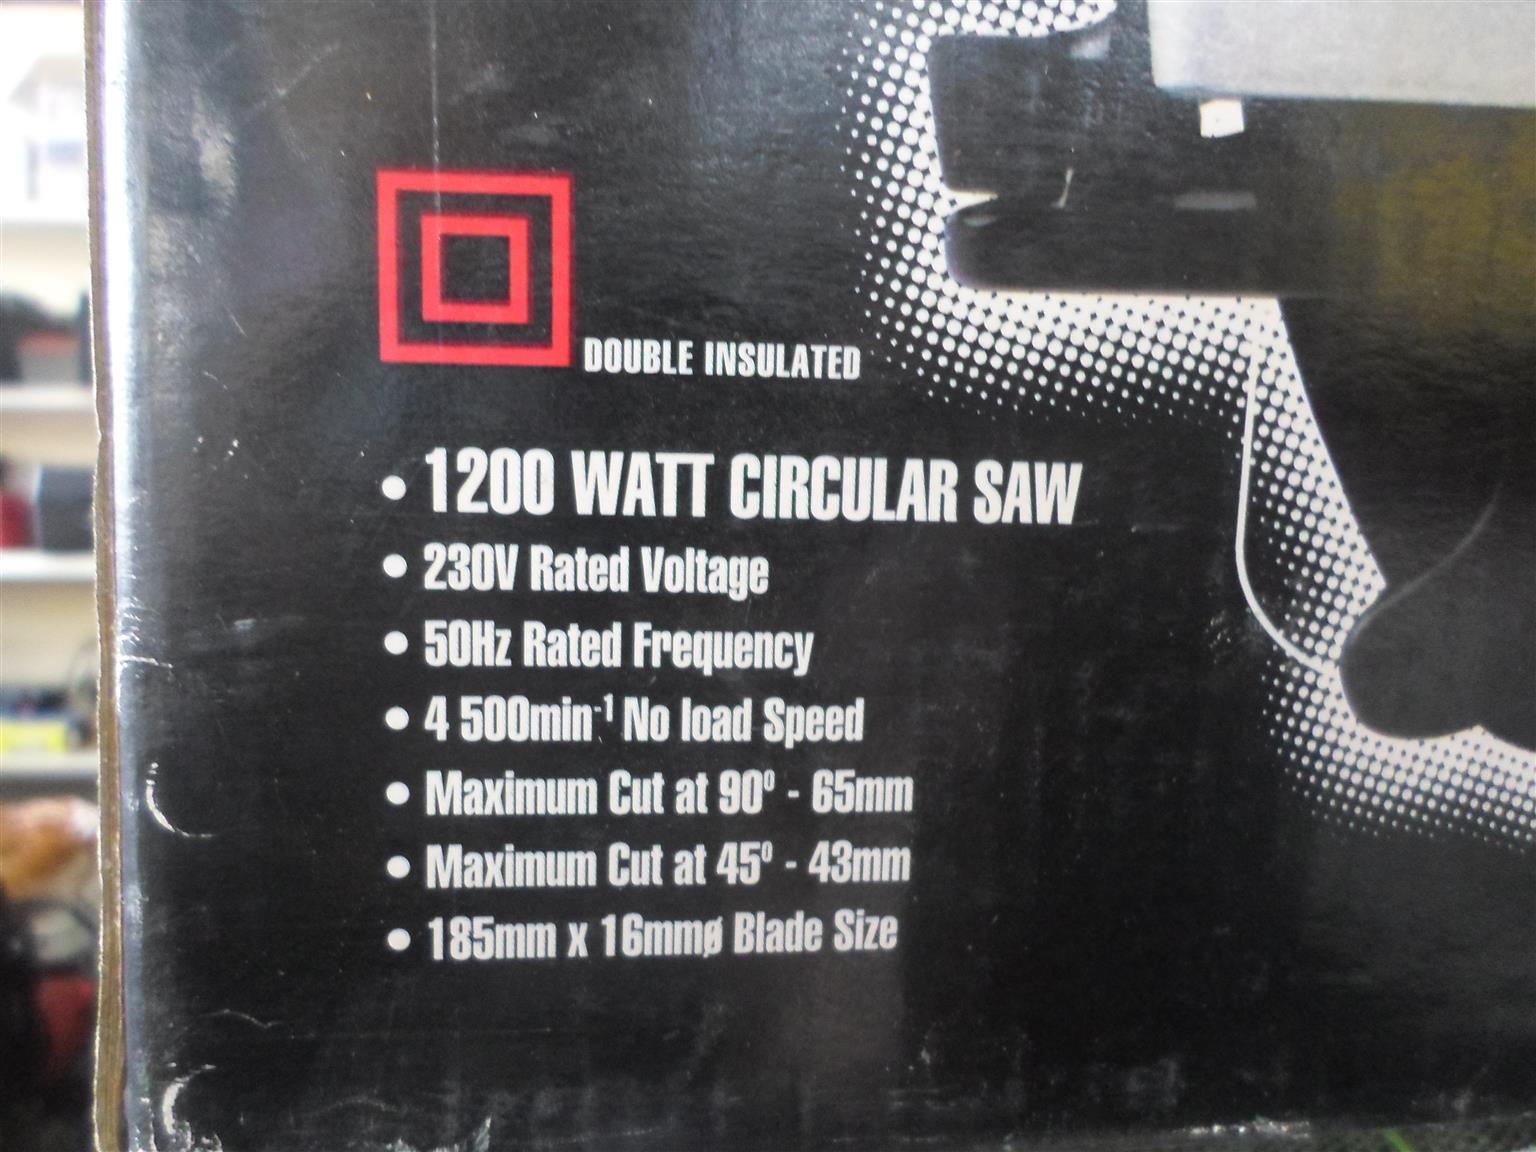 1200W Torq Circular Saw